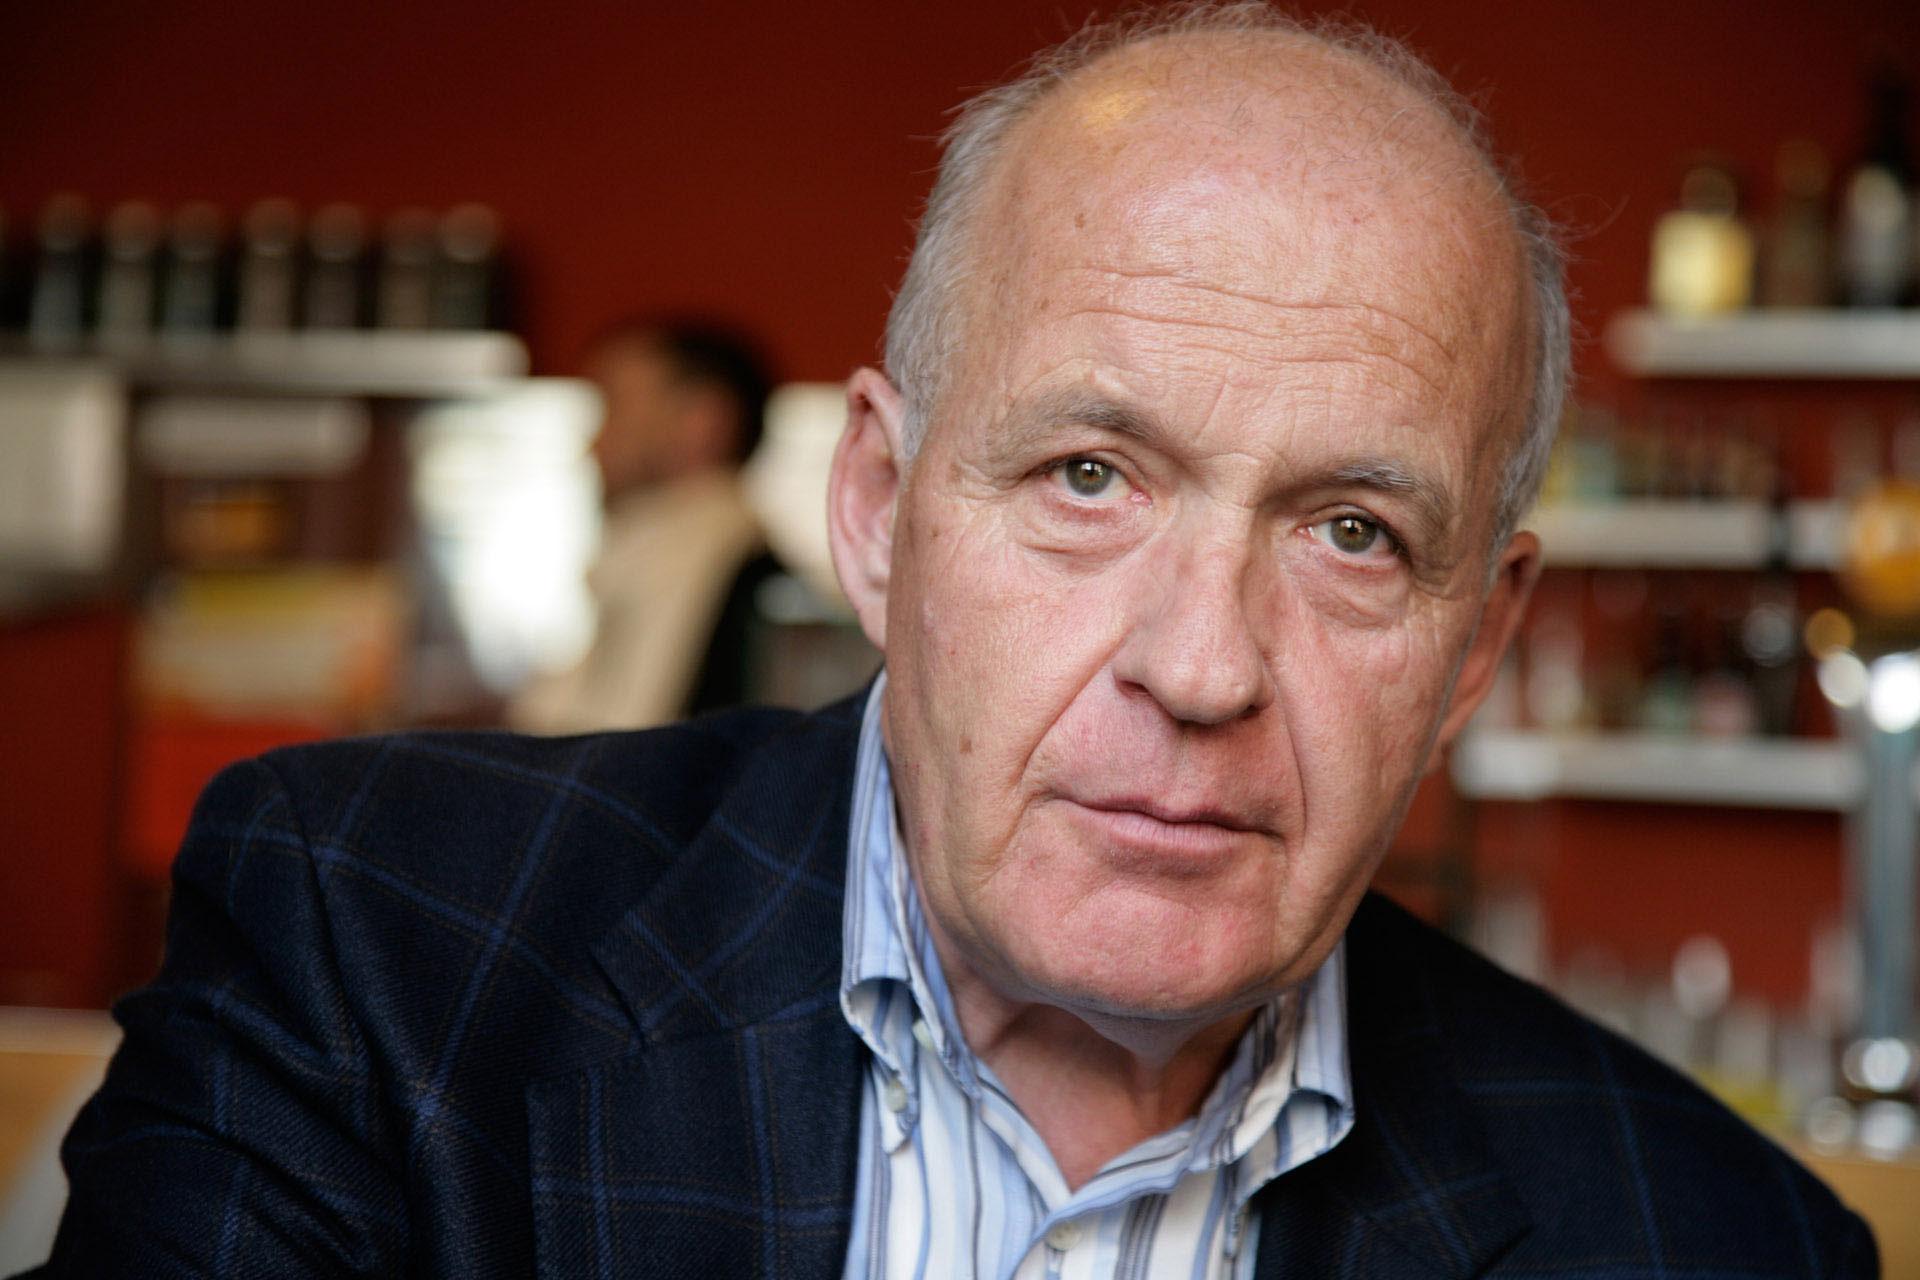 Götz Werner, 35 Jahre lang Geschäftsführer des Unternehmens dm-drogerie markt,  ist von der Idee des Grundeinkommens überzeugt. -